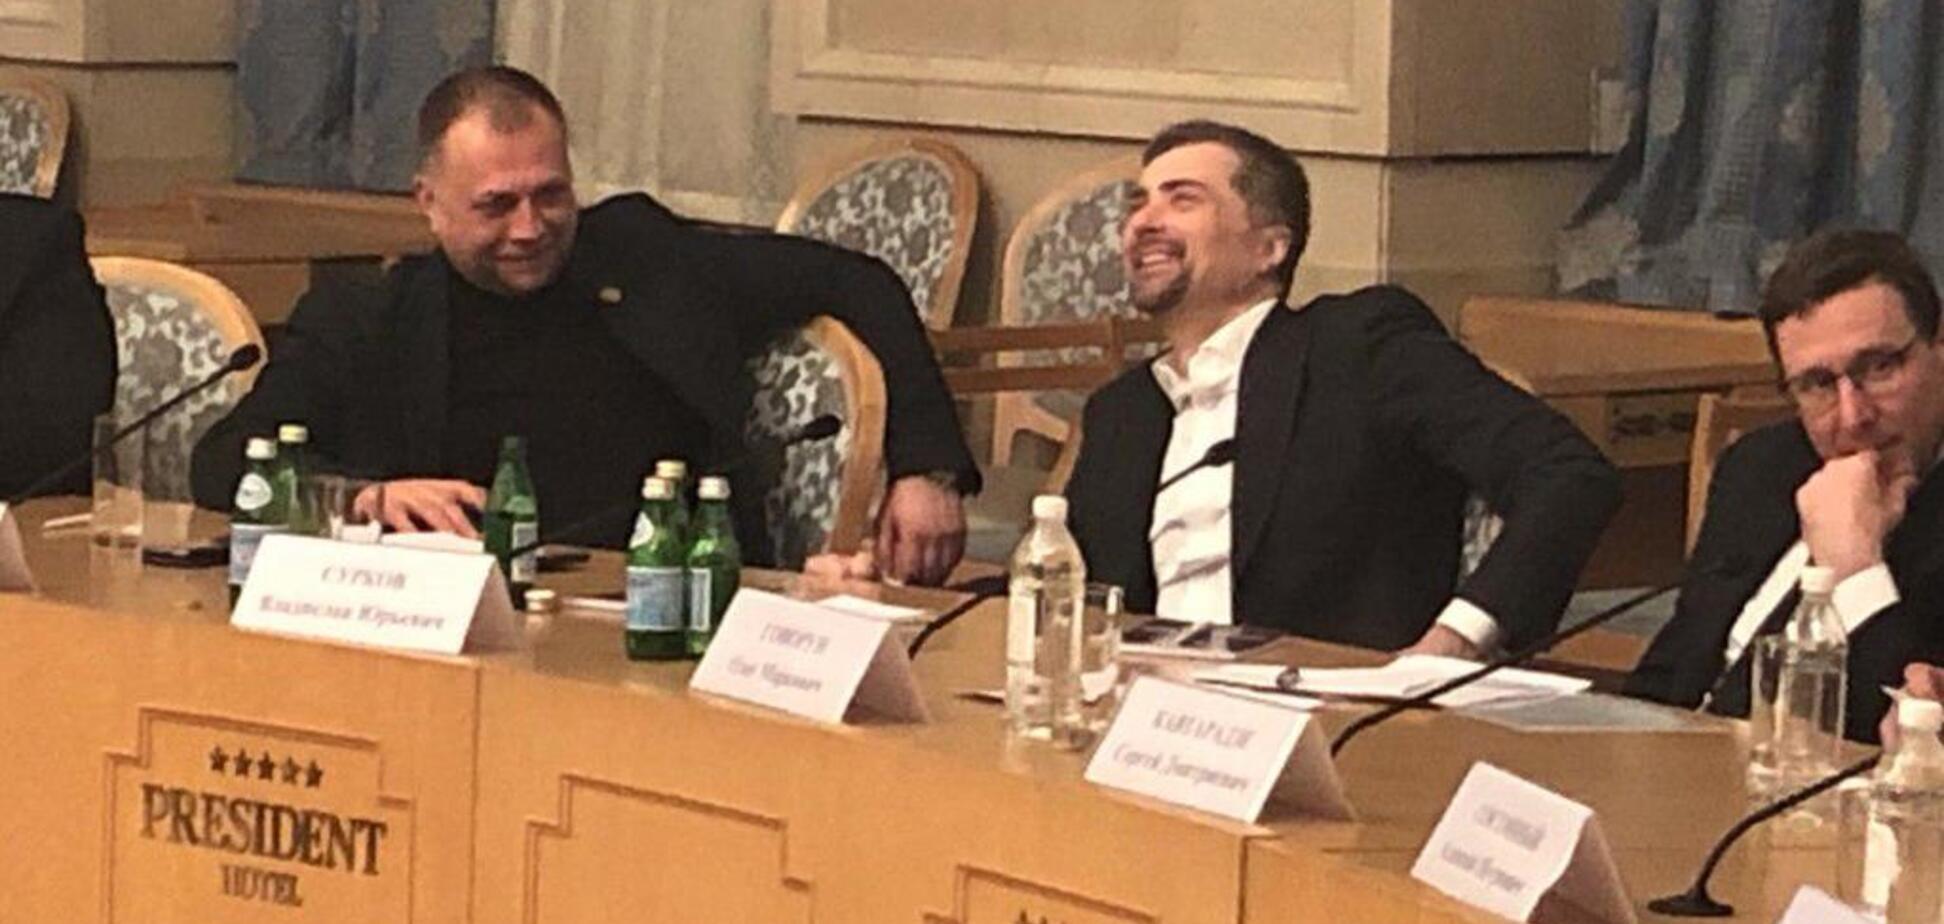 Готують загострення? Сурков і Бородай екстрено скликали в Москві ватажків 'Л/ДНР'